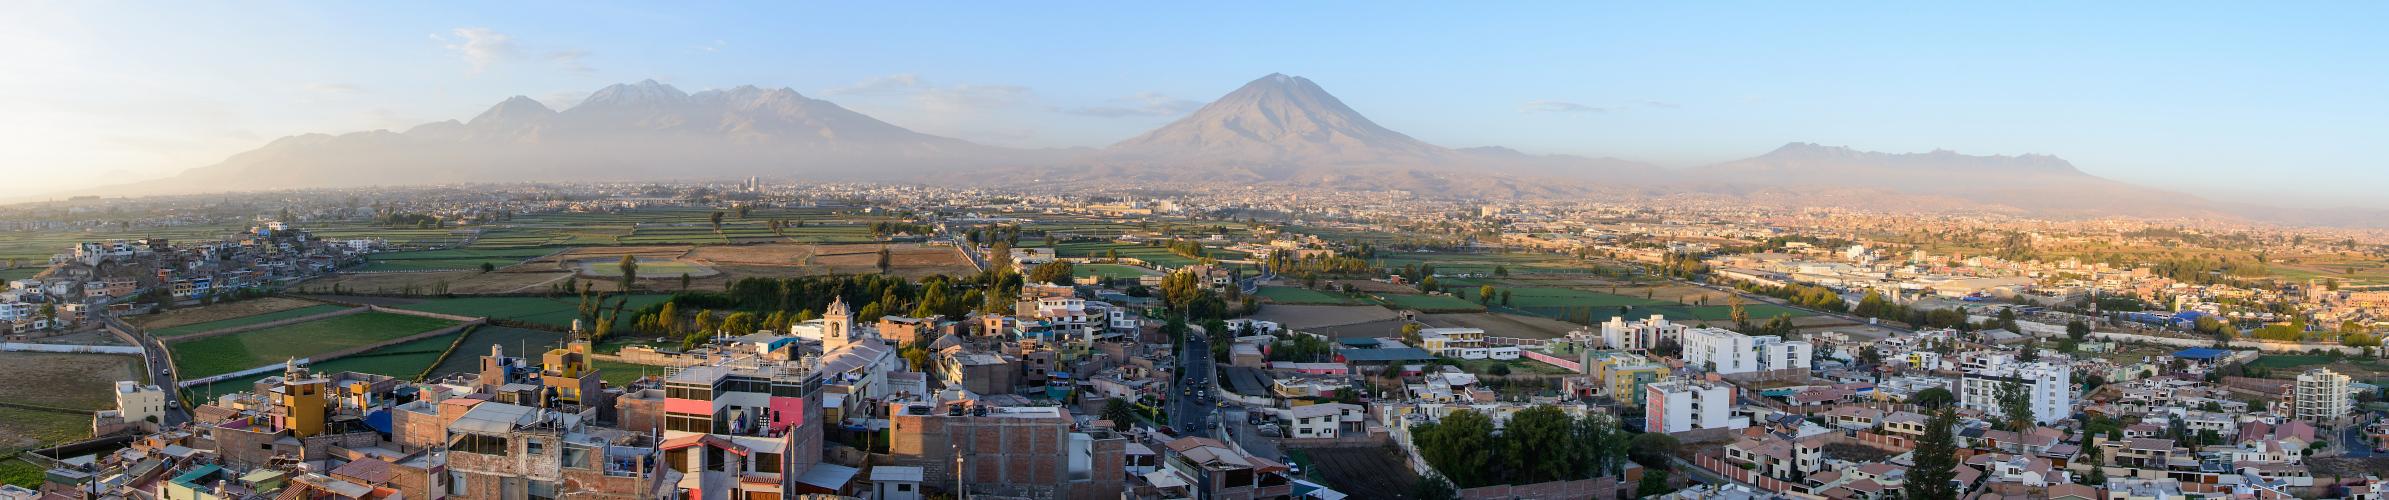 Arequipa Pano